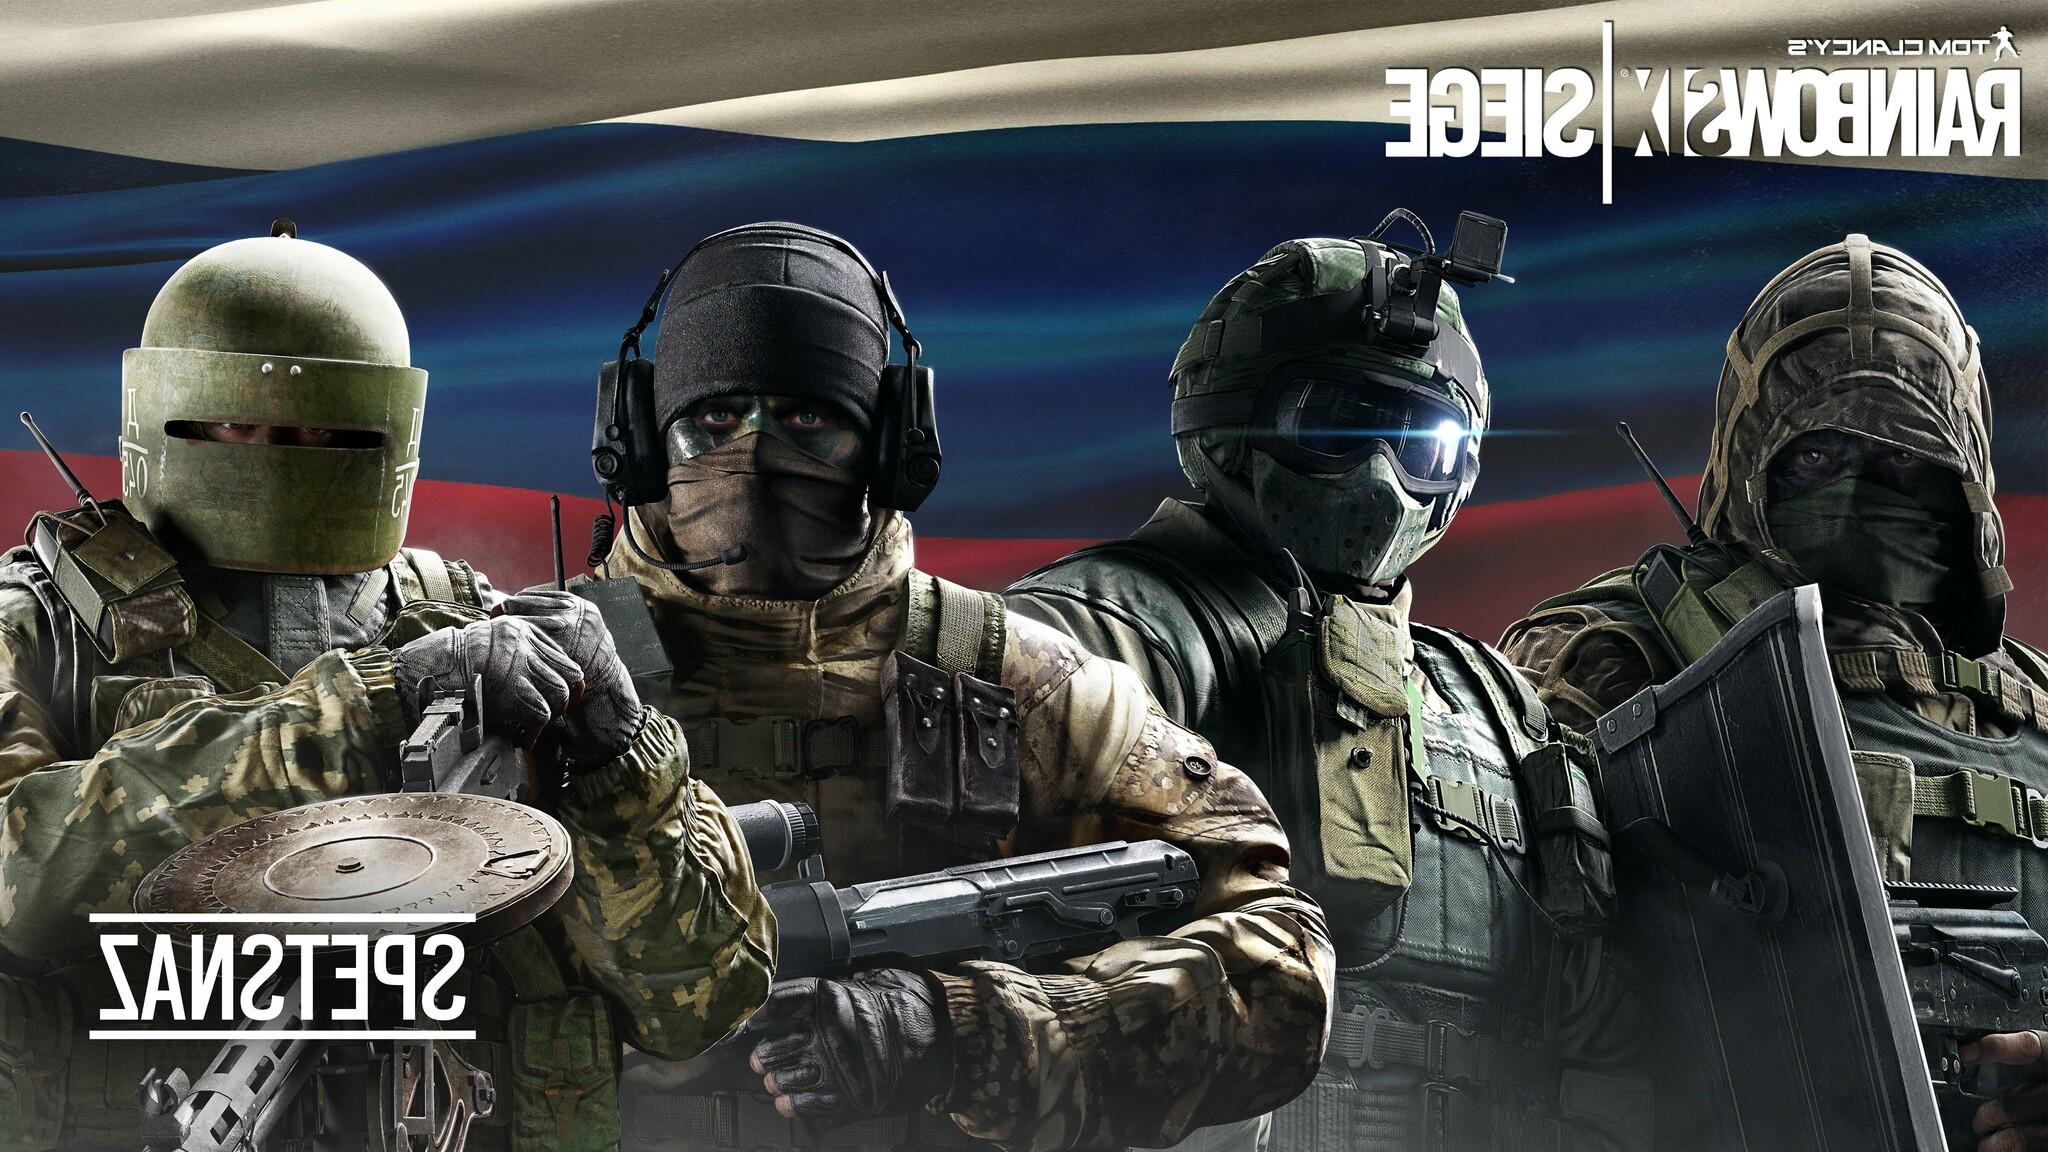 Cute Wallpapers For Girls  2048x1152 Tom Clancys Rainbow Six Siege Spetsnaz 2048x1152